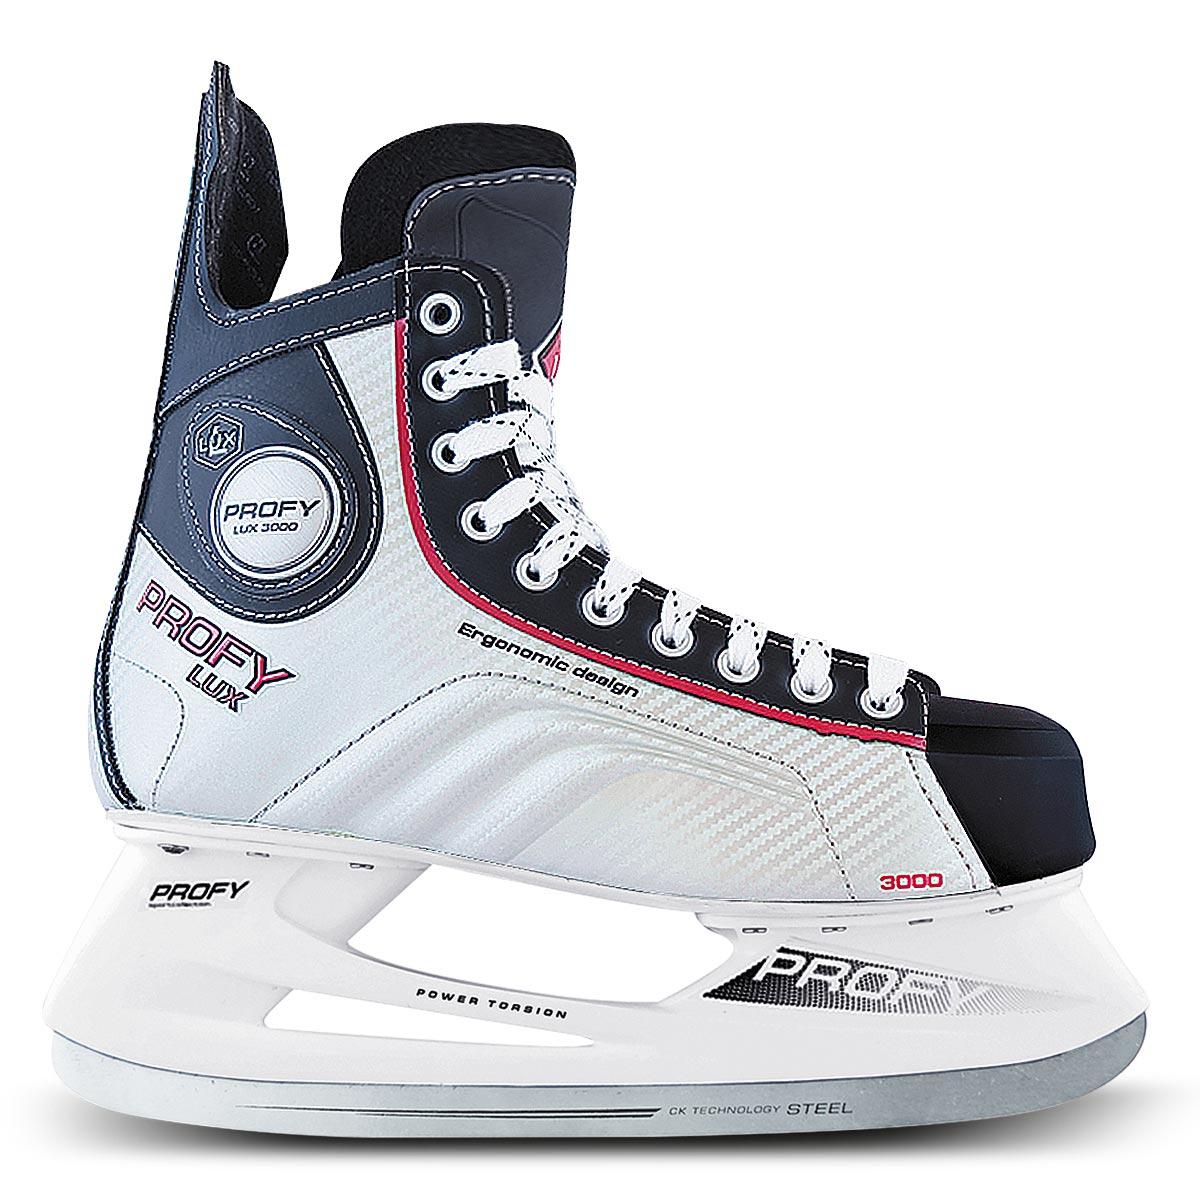 Коньки хоккейные мужские СК Profy Lux 3000, цвет: черный, серебряный, красный. Размер 46Atemi Force 3.0 2012 Black-GrayКоньки хоккейные мужские СК Profy Lux 3000 прекрасно подойдут для профессиональных игроков в хоккей. Ботинок выполнен из морозоустойчивой искусственной кожи и специального резистентного ПВХ, а язычок - из двухслойного войлока и искусственной кожи. Слоевая композитная технология позволила изготовить ботинок, полностью обволакивающий ногу. Это обеспечивает прочную и удобную фиксацию ноги, повышает защиту от ударов. Ботинок изготовлен с учетом антропометрии стоп россиян, что обеспечивает комфорт и устойчивость ноги, правильное распределение нагрузки, сильно снижает травмоопасность. Конструкция носка ботинка, изготовленного из ударопрочного энергопоглощающего термопластичного полиуретана Hytrel® (DuPont), обеспечивает увеличенную надежность защиты передней части ступни от ударов. Усиленные боковины ботинка из формованного PVC укрепляют боковую часть ботинка и дополнительно защищают ступню от ударов за счет поглощения энергии. Тип застежки ботинок – классическая шнуровка. Стелька из упругого пенного полимерного материала EVA гарантирует комфортное положение ноги в ботинке, обеспечивает быструю адаптацию ботинка к индивидуальным формам ноги, не теряет упругости при изменении температуры и не разрушается от воздействия пота и влаги. Легкая прочная низкопрофильная полимерная подошва инжекционного формования практически без потерь передает энергию от толчка ноги к лезвию – быстрее набор скорости, резче повороты и остановки, острее чувство льда. Лезвие из нержавеющей стали 420J обеспечит превосходное скольжение.